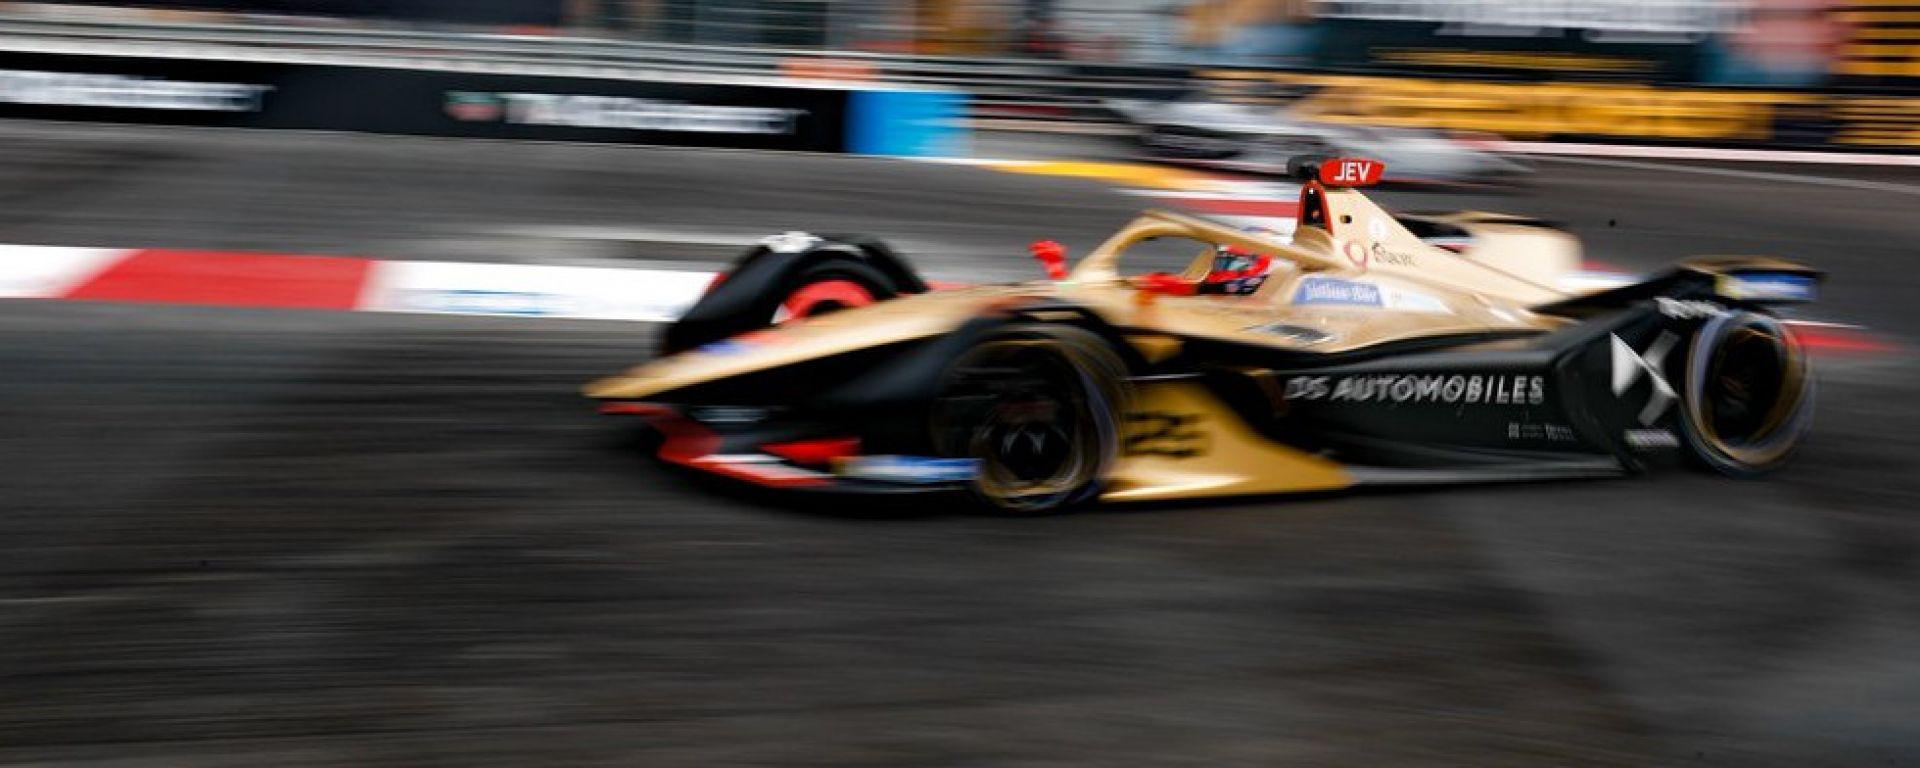 ePrix Monaco 2019: tappa e maglia per Vergne, Massa sul podio